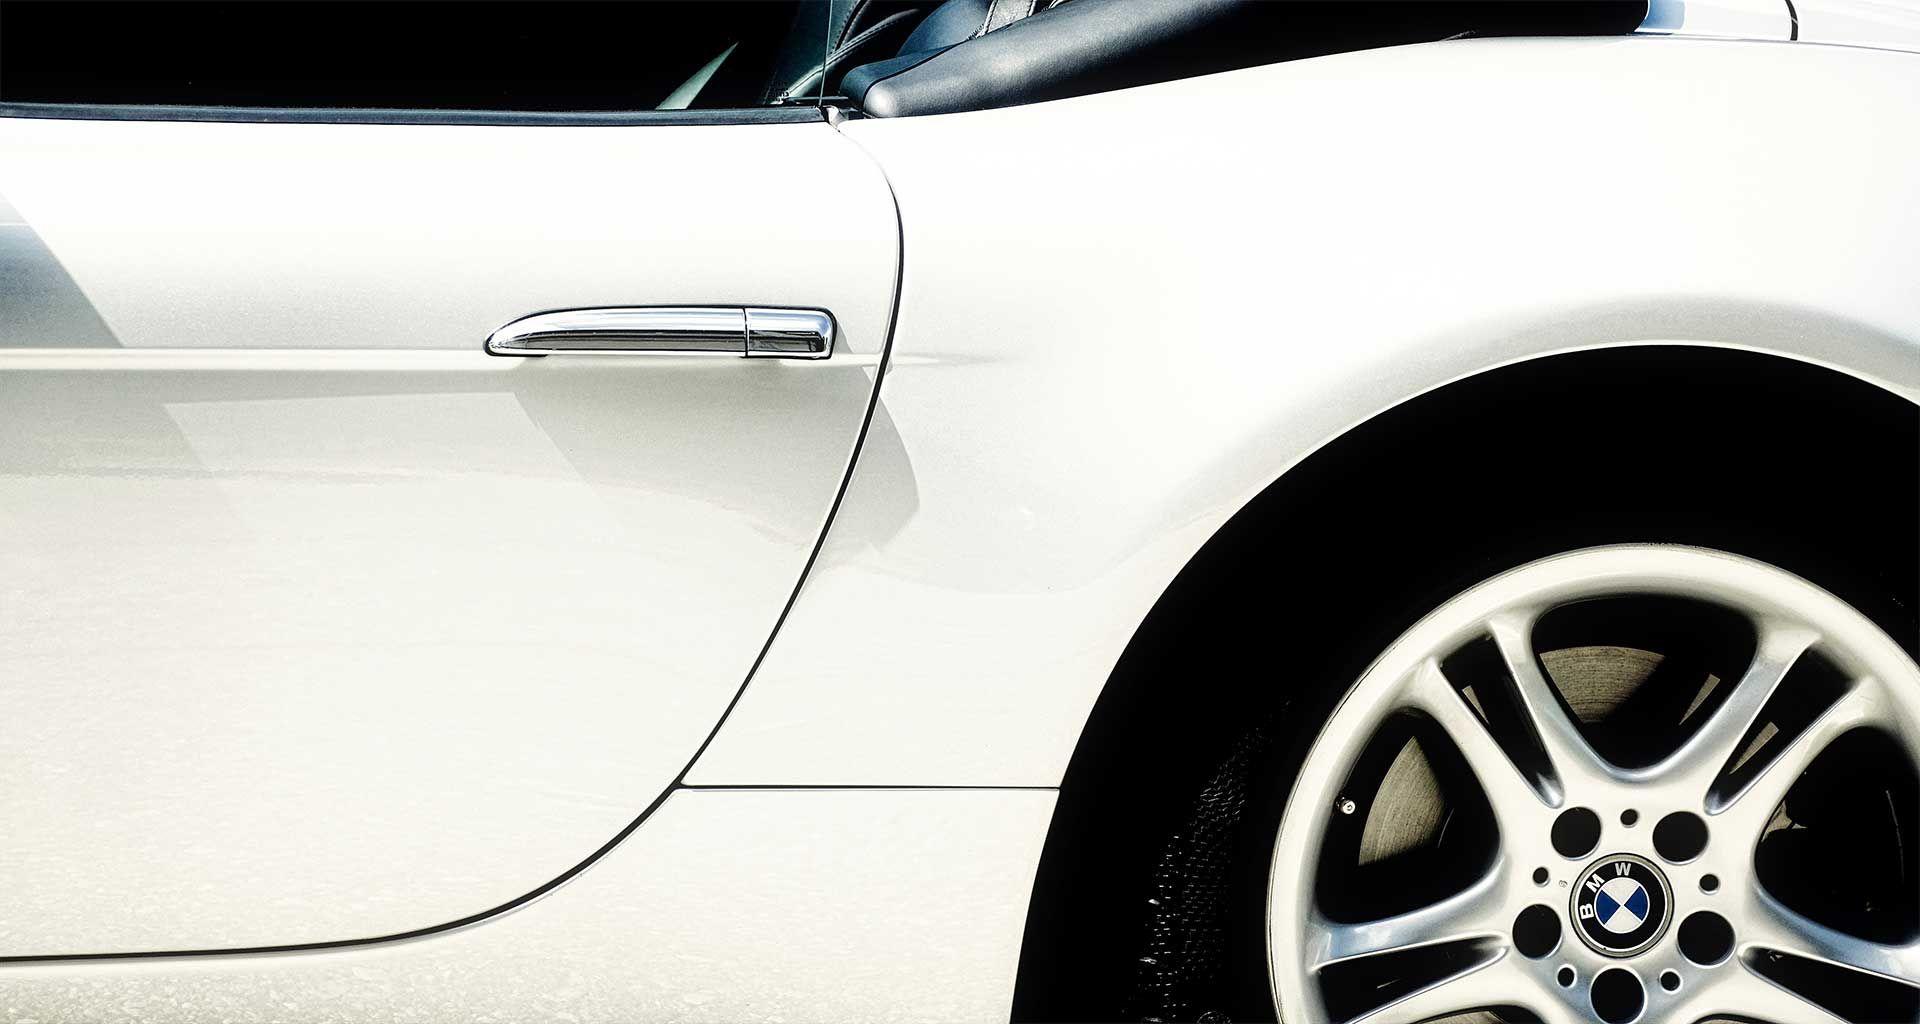 Empire's collision repair process involves an auto body